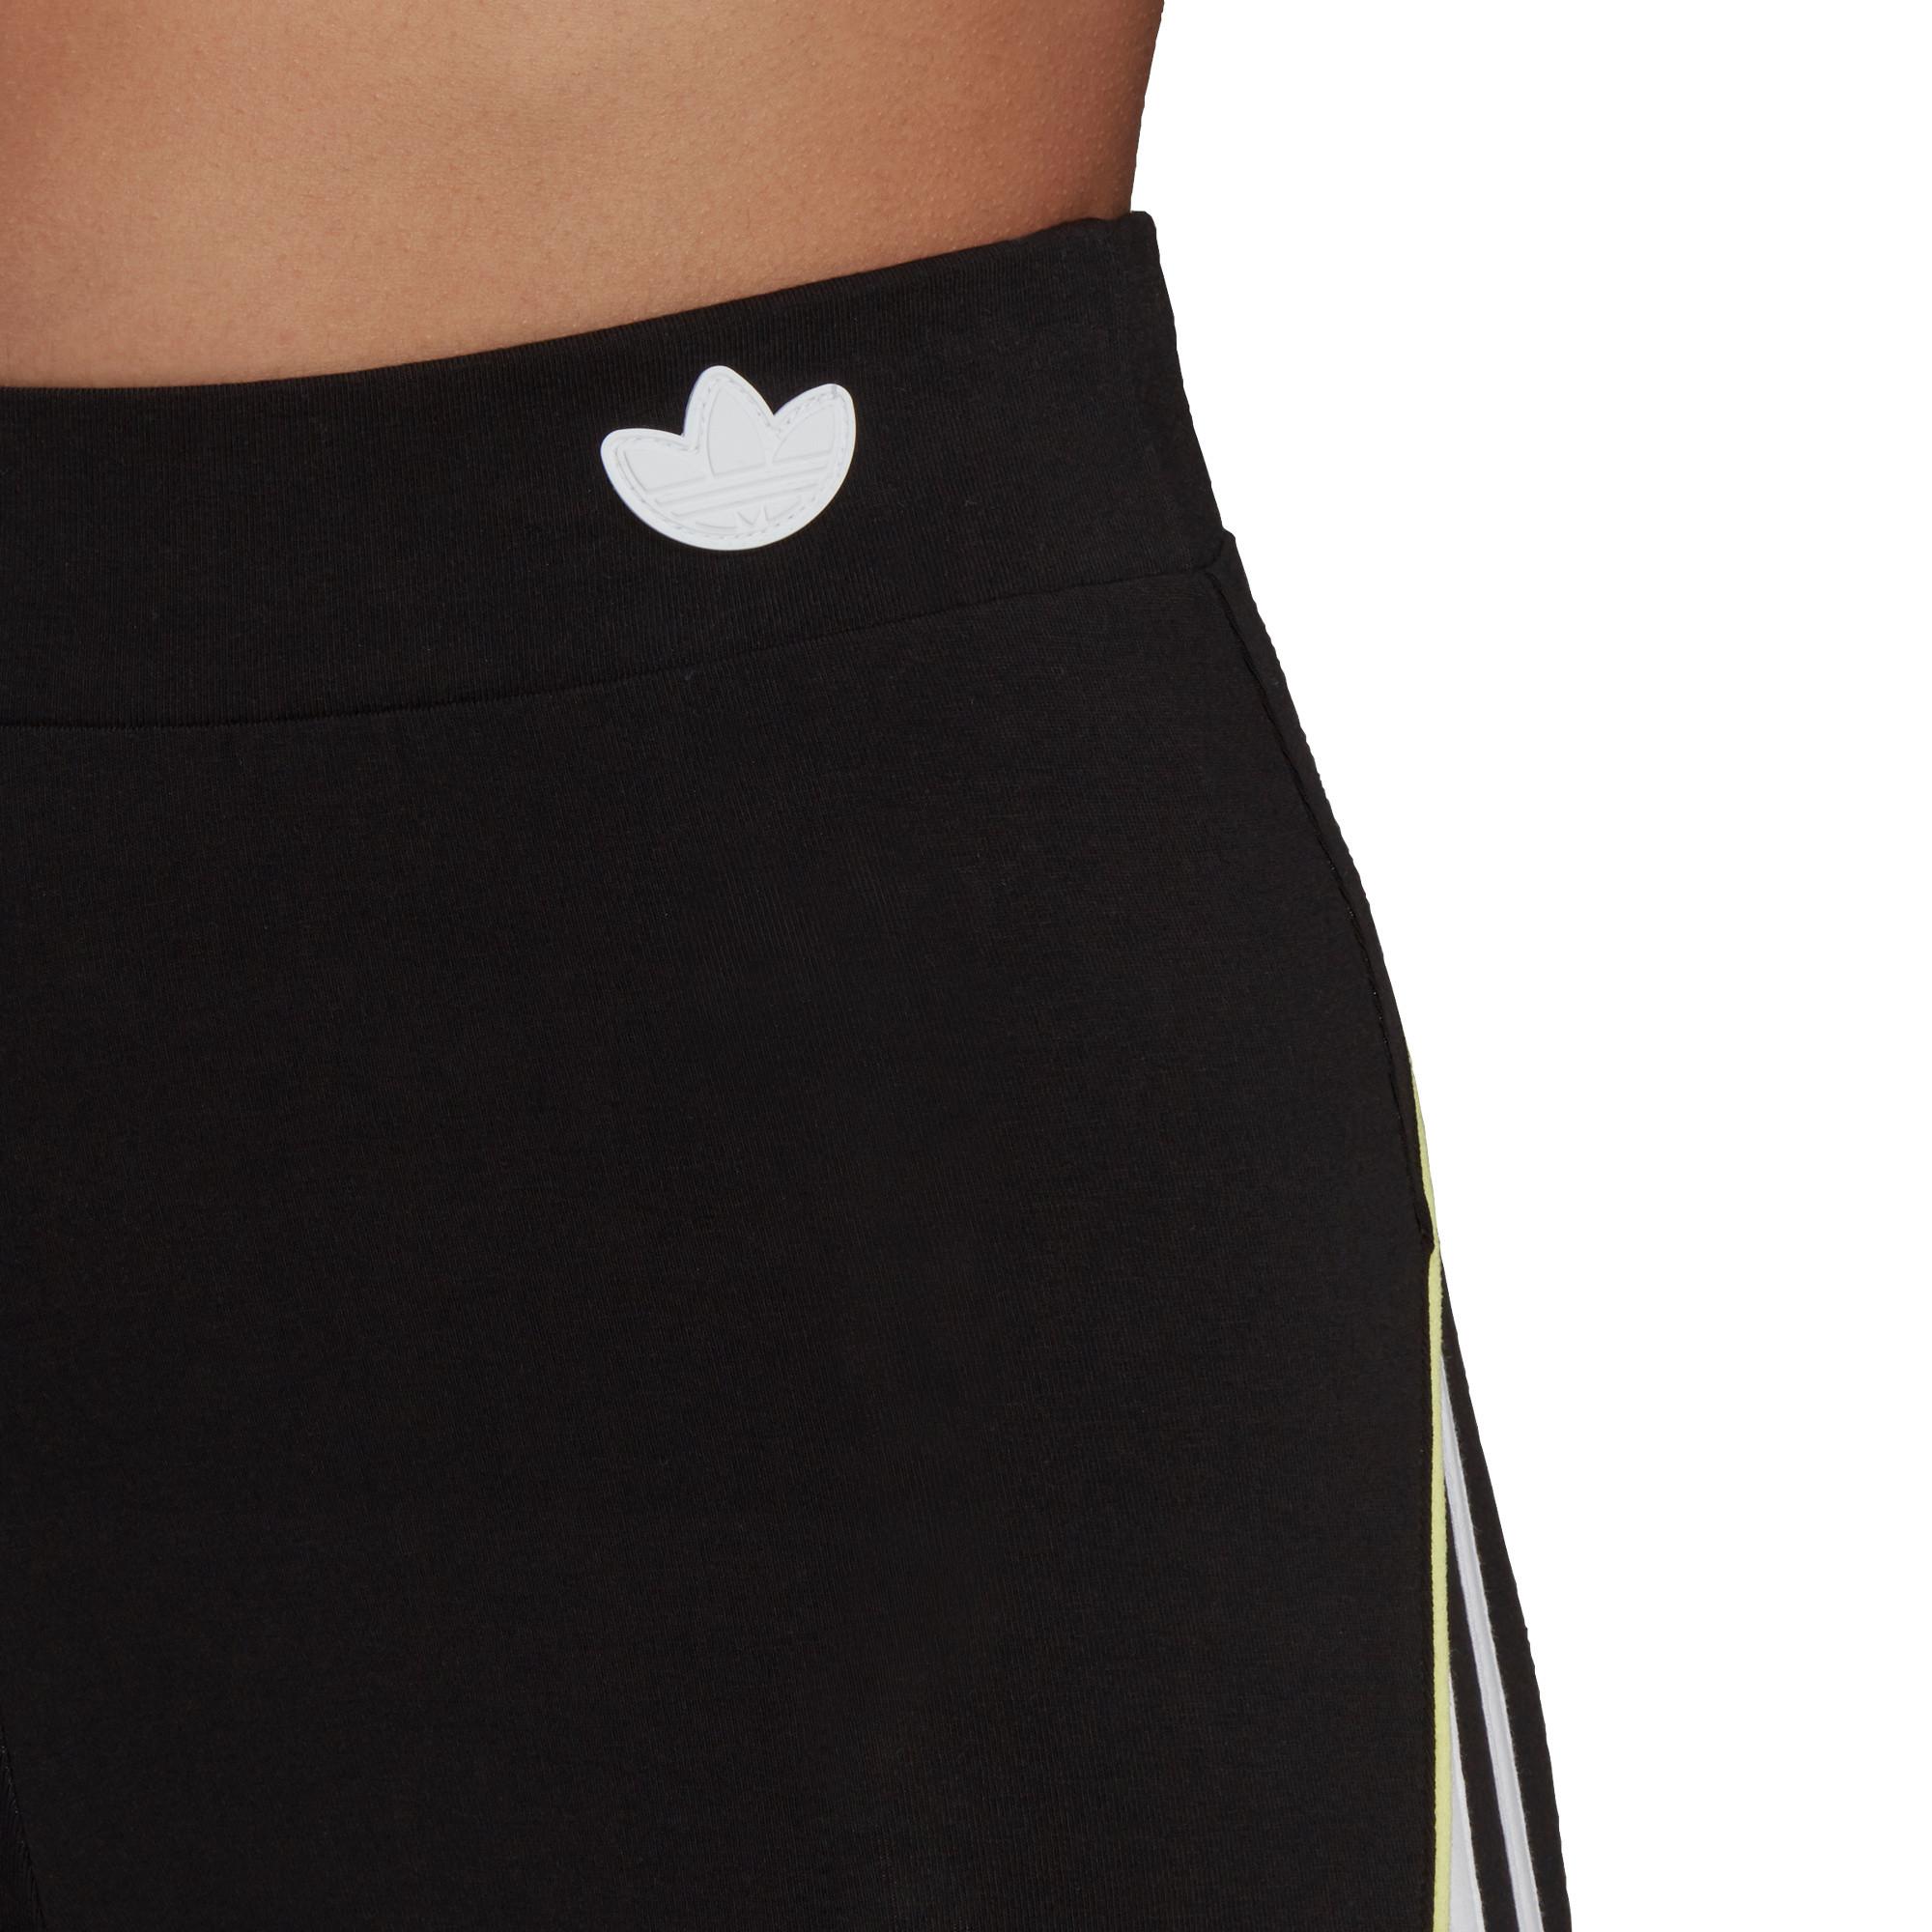 Shorts a vita alta con bordino corto, Nero, large image number 4